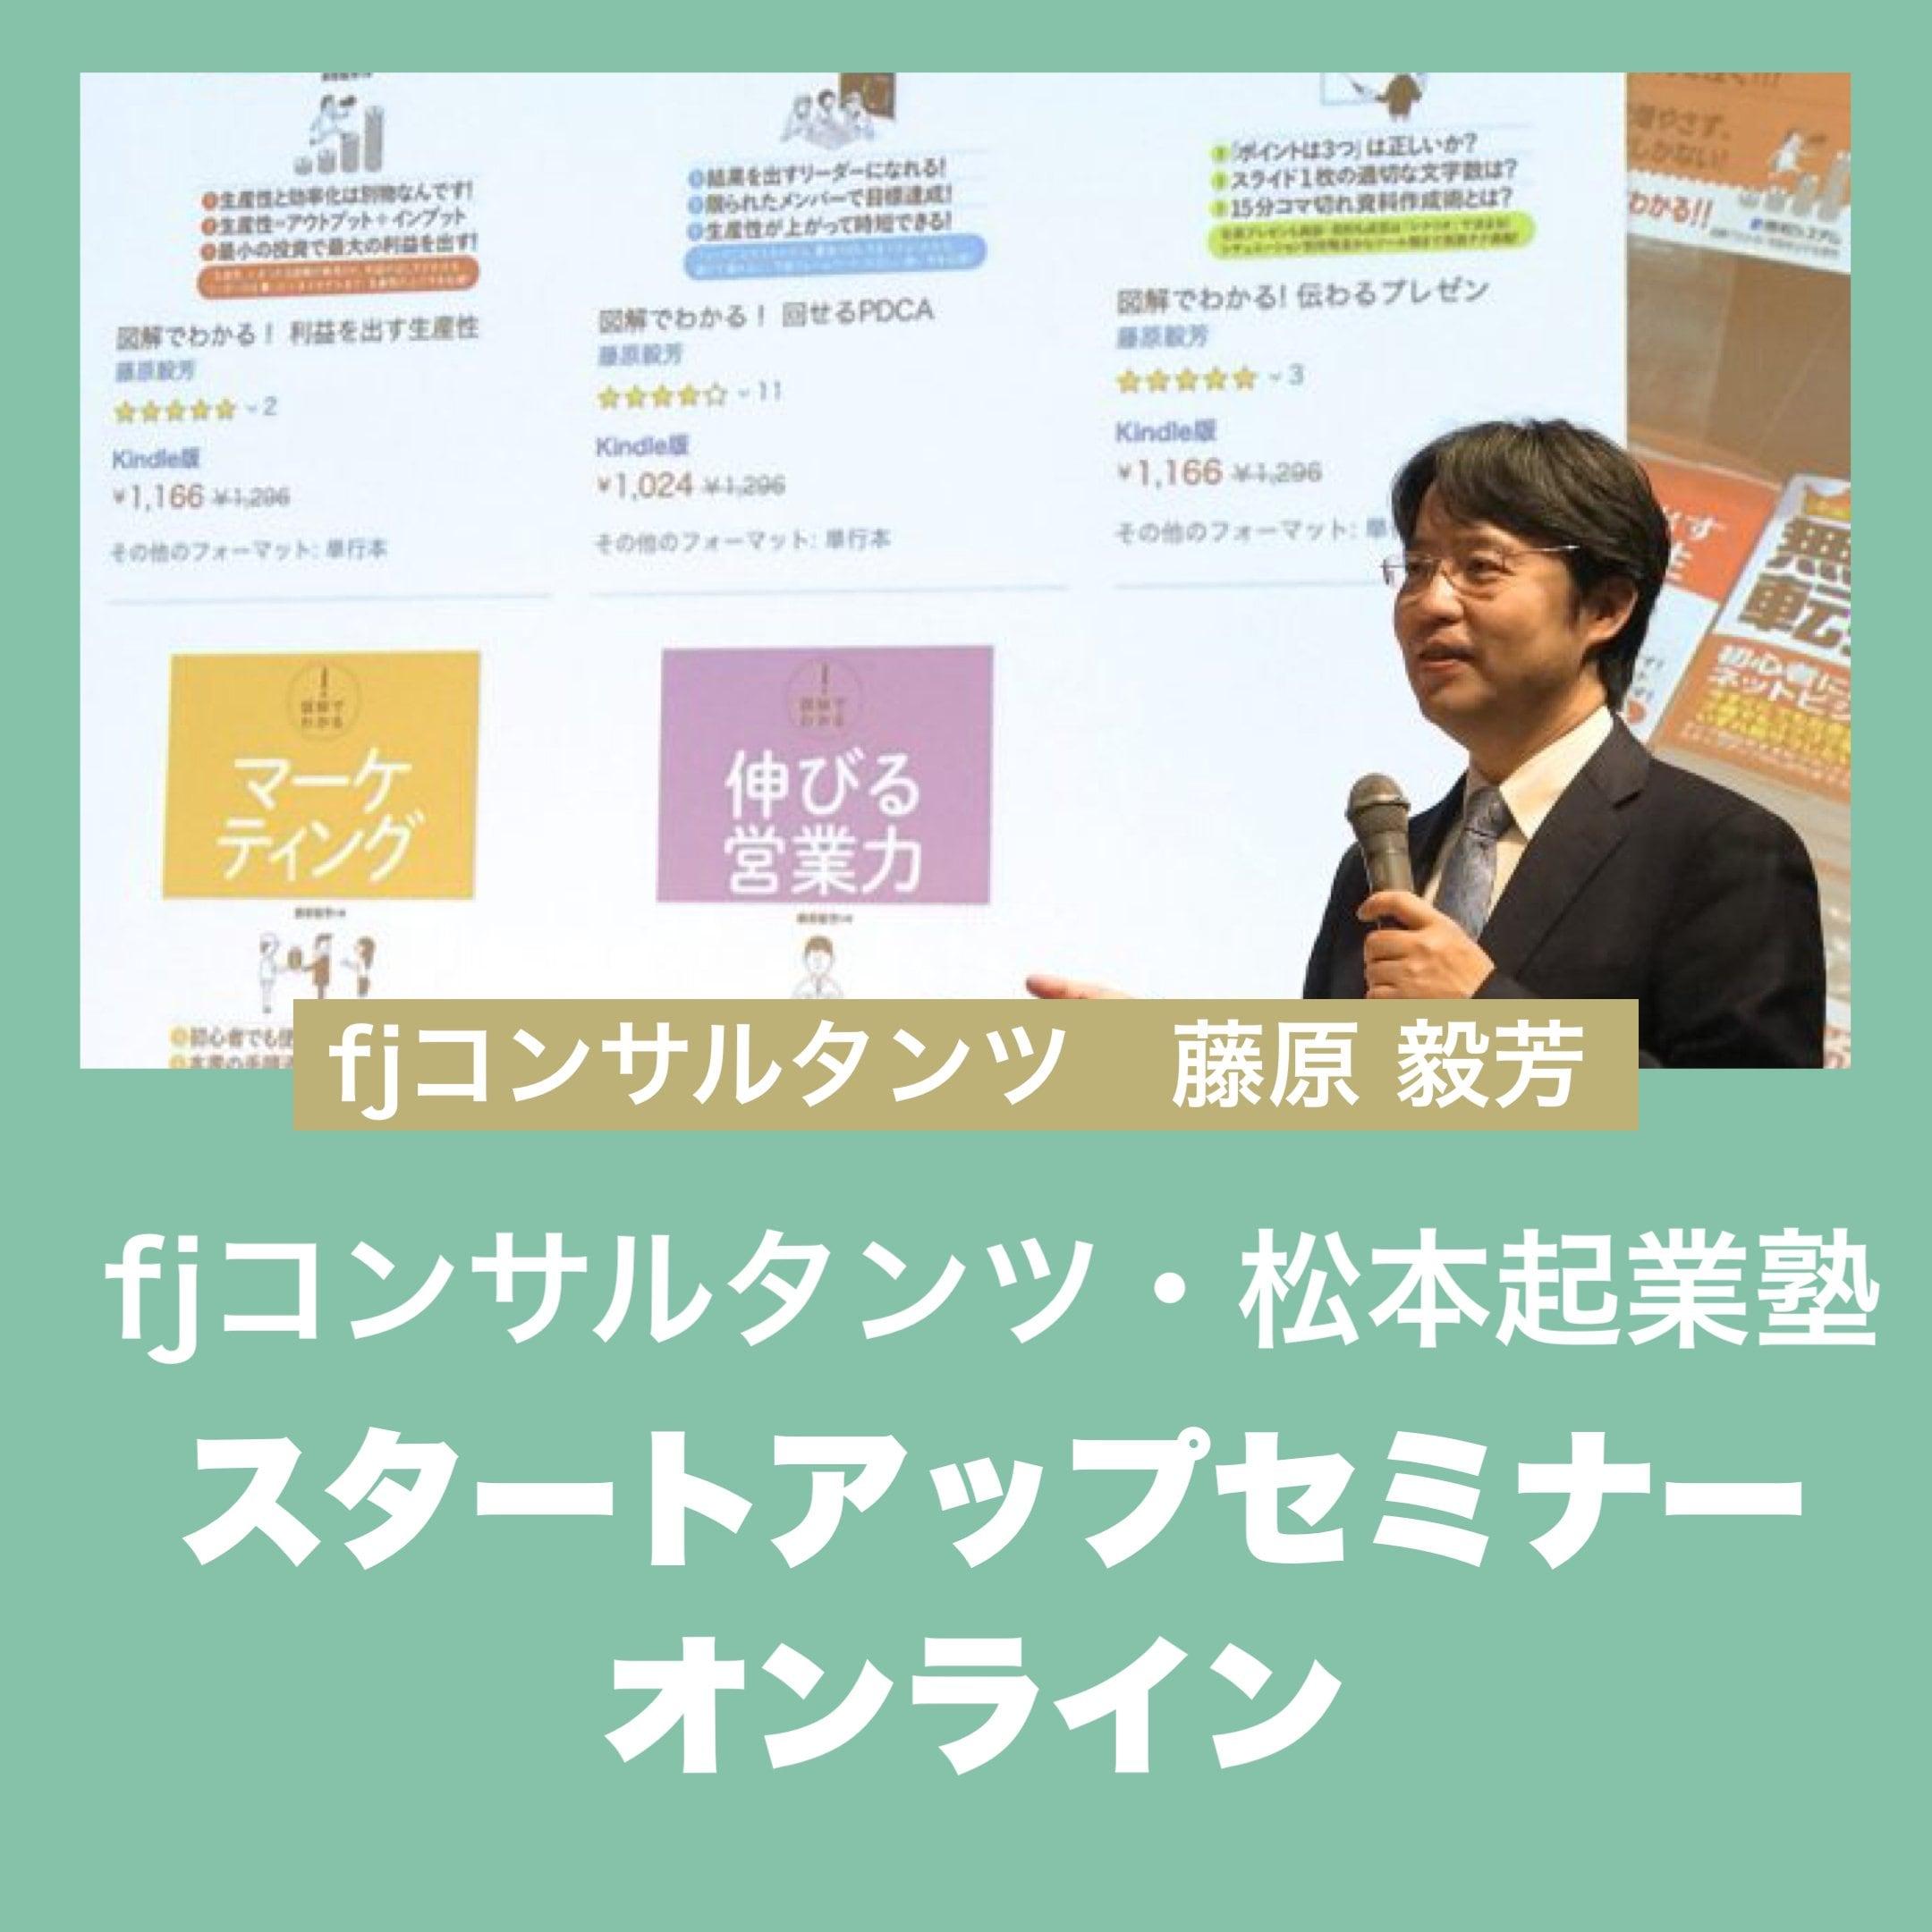 fjコンサルタンツ・松本起業塾 オンラインセミナーチケットのイメージその2